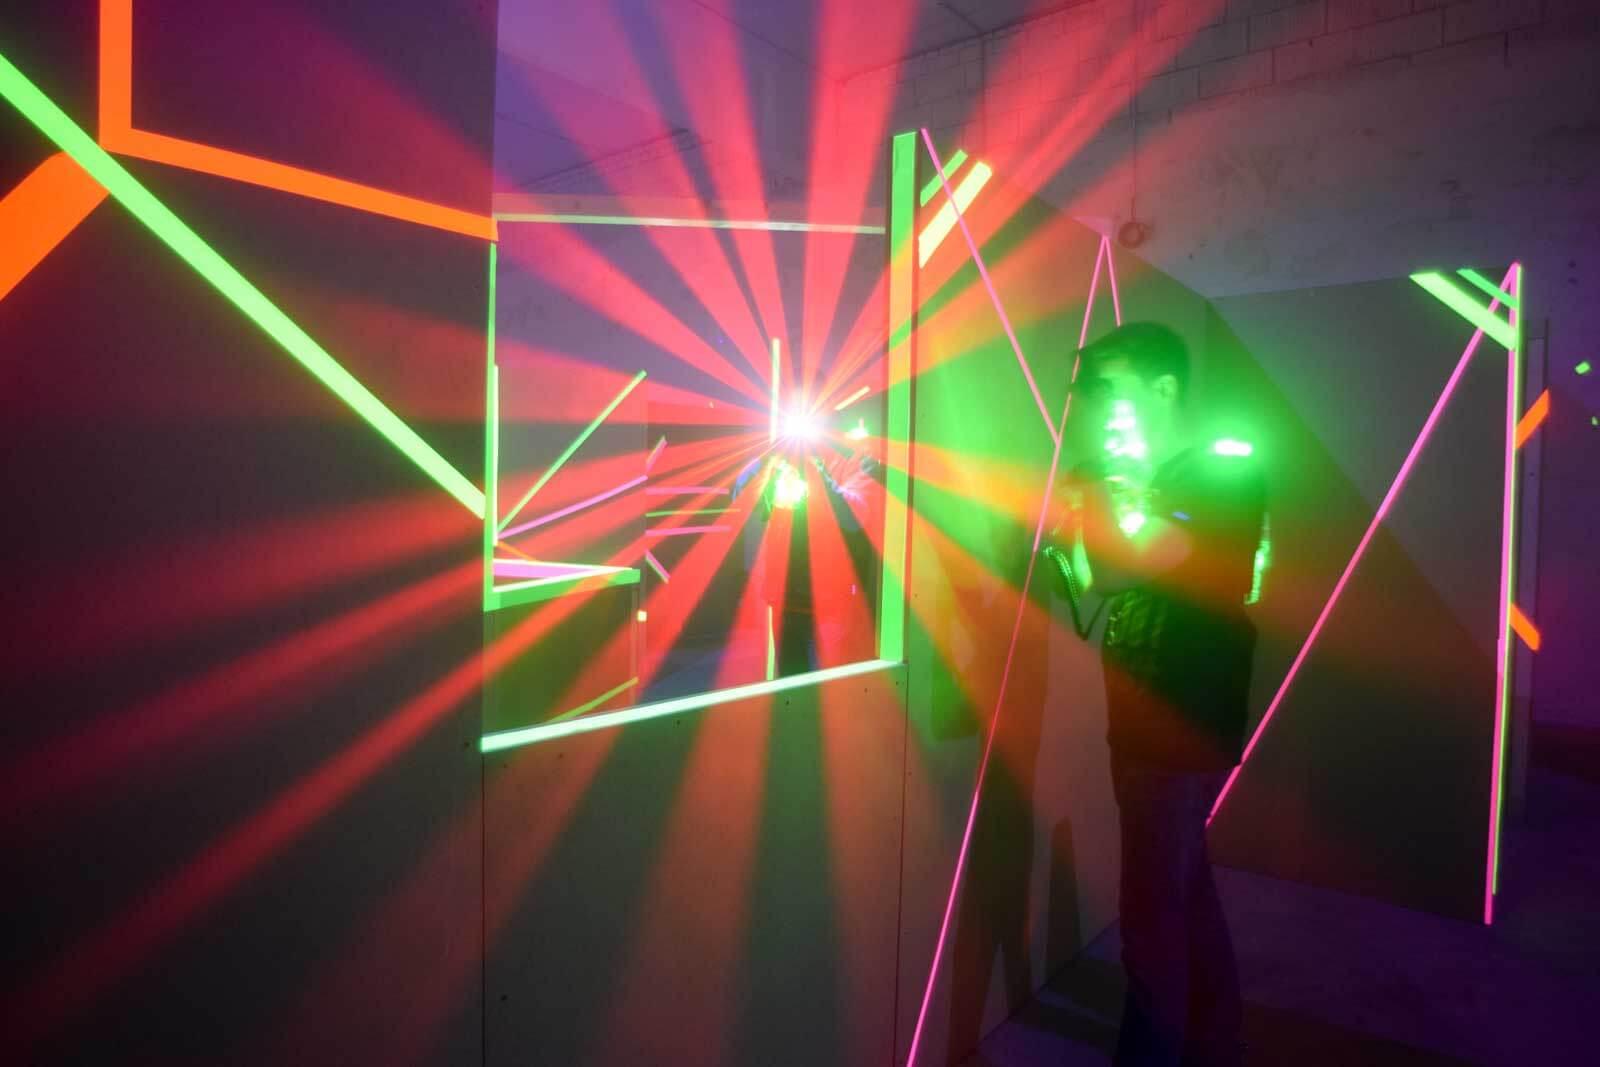 Einmal beim Lasertag um den Fotografen rumherum